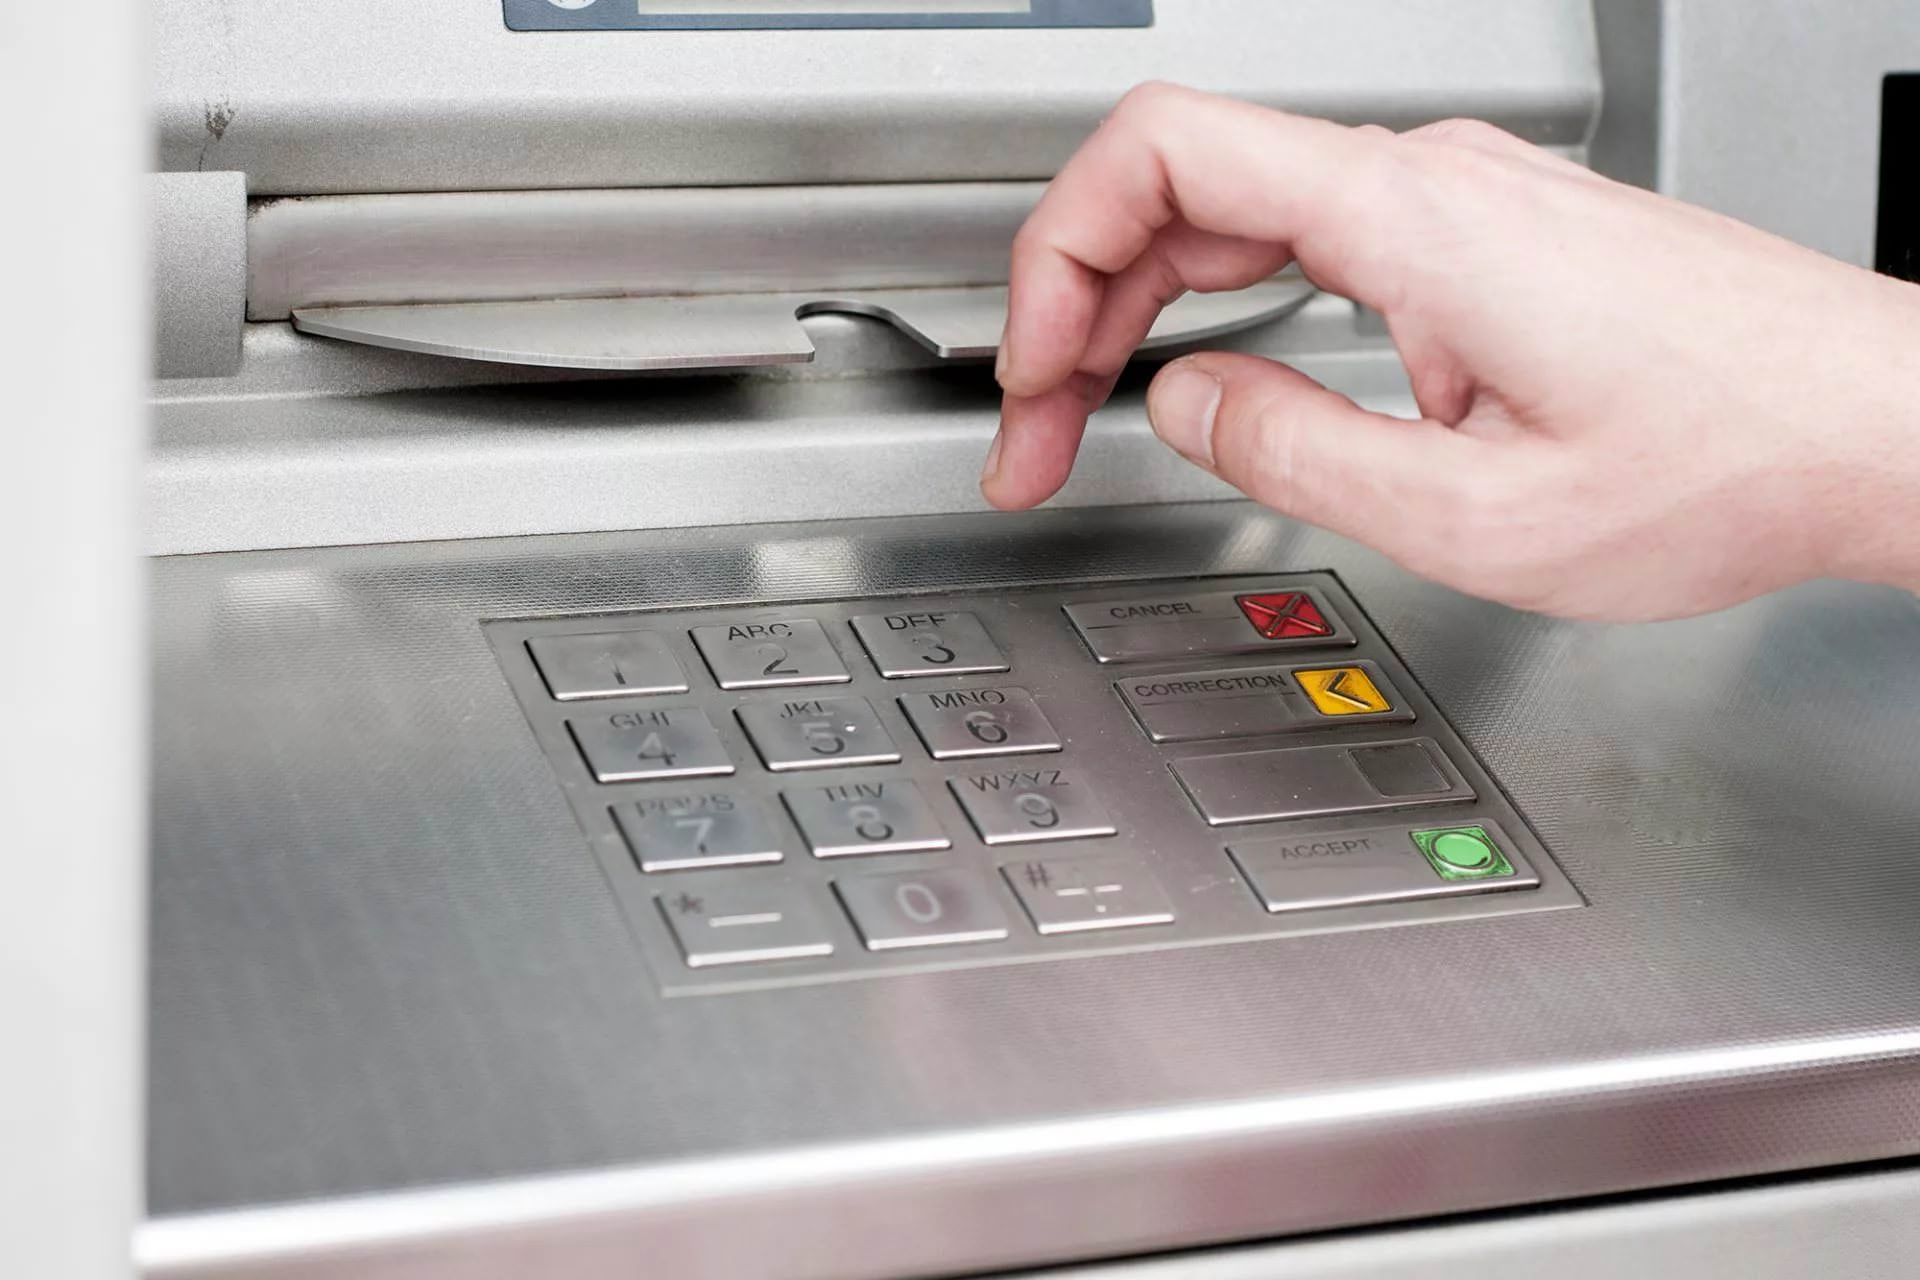 снятие денег в банкомате в картинках клички зеков